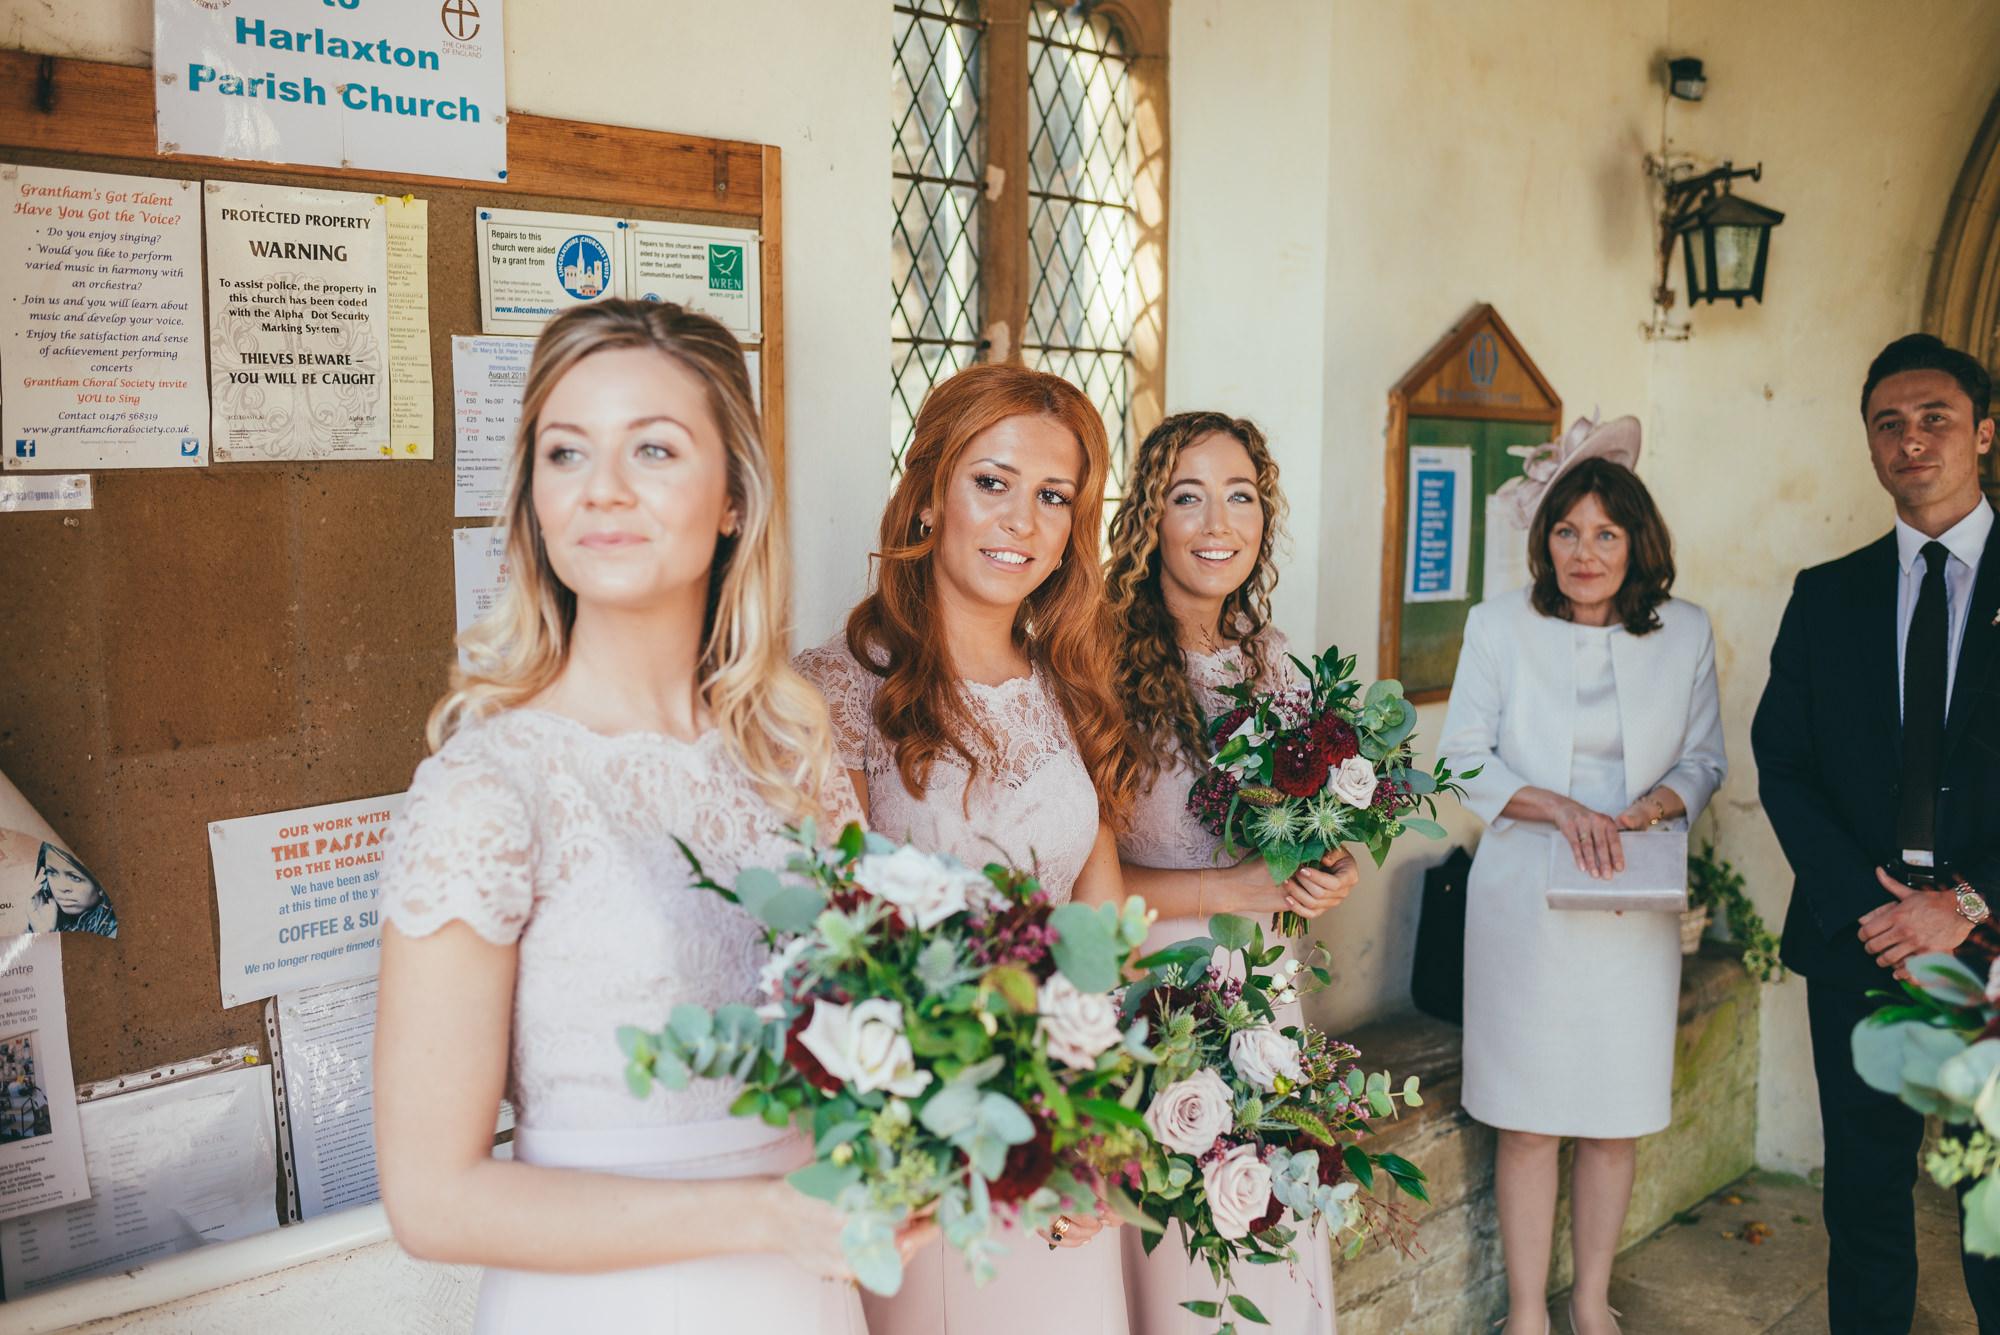 bridesmaids waiting for the bride at harlaxton church